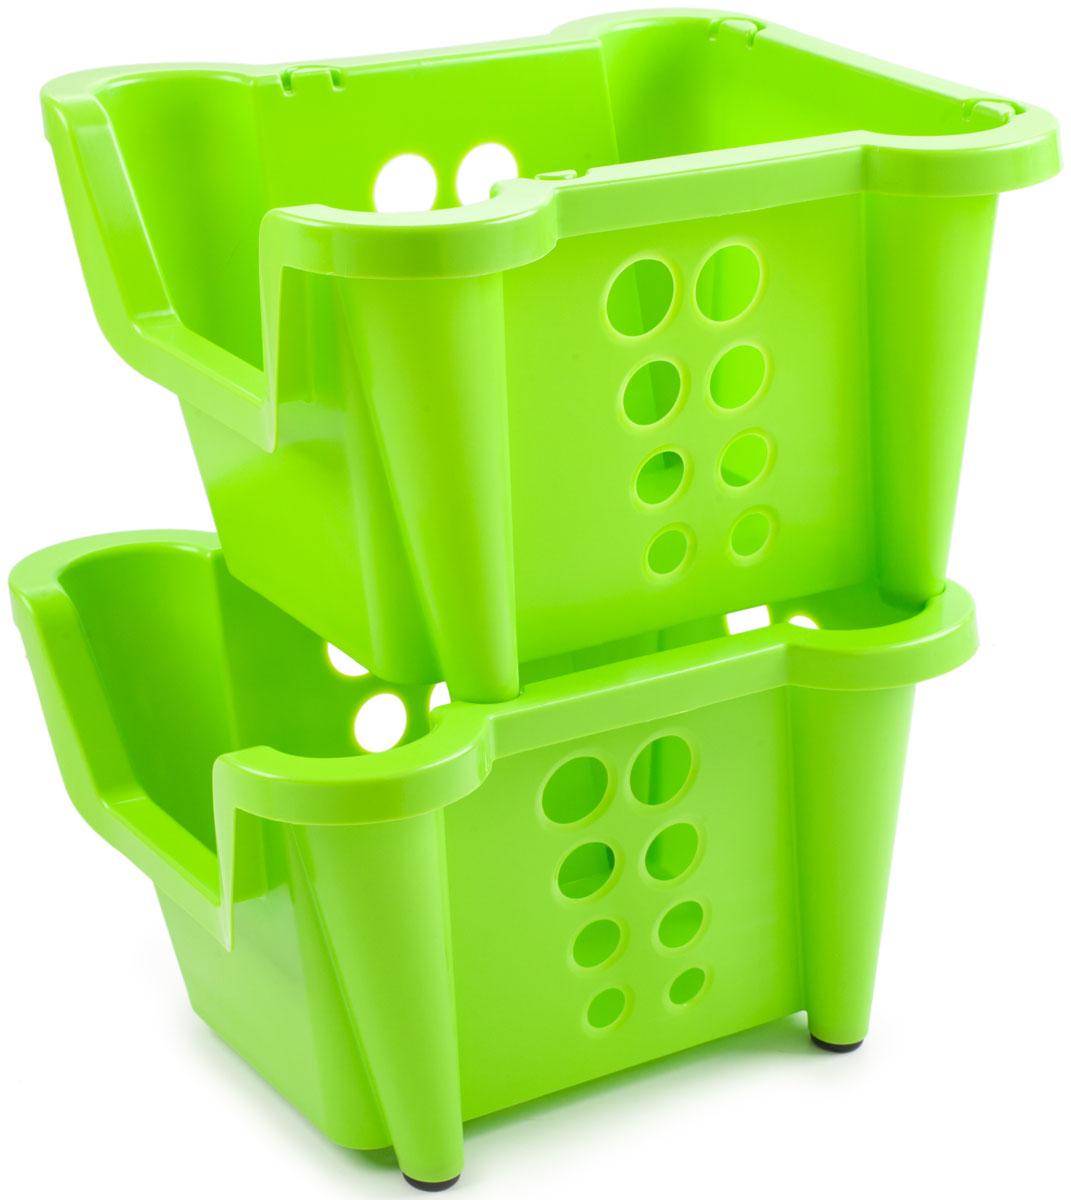 Этажерка Berossi Rio, 2-ярусная, цвет: салатовый, 39,1 х 27,9 х 43,2 смАС 28938000Этажерка Berossi Rio предназначена для хранения различных бытовых предметов в ванне, комнате и на кухне. Прочный пищевой пластик отличается долговечностью, не имеет запаха и легко отмывается от любых загрязнений.Чтобы исключить порчу продуктов, в стенках имеются отверстия разных диаметров, которые позволяют воздуху свободно циркулировать, но недостаточно большие для просыпания содержимого.Эластичные насадки на ножках предотвращают скольжение конструкции по полу.Углубление впереди позволяет свободно брать вещи из корзин, не вынимая их из стеллажа.Изделия могут складываться друг в друга, если в них нет необходимости. Возможно дополнение корзинами таких же размеров.